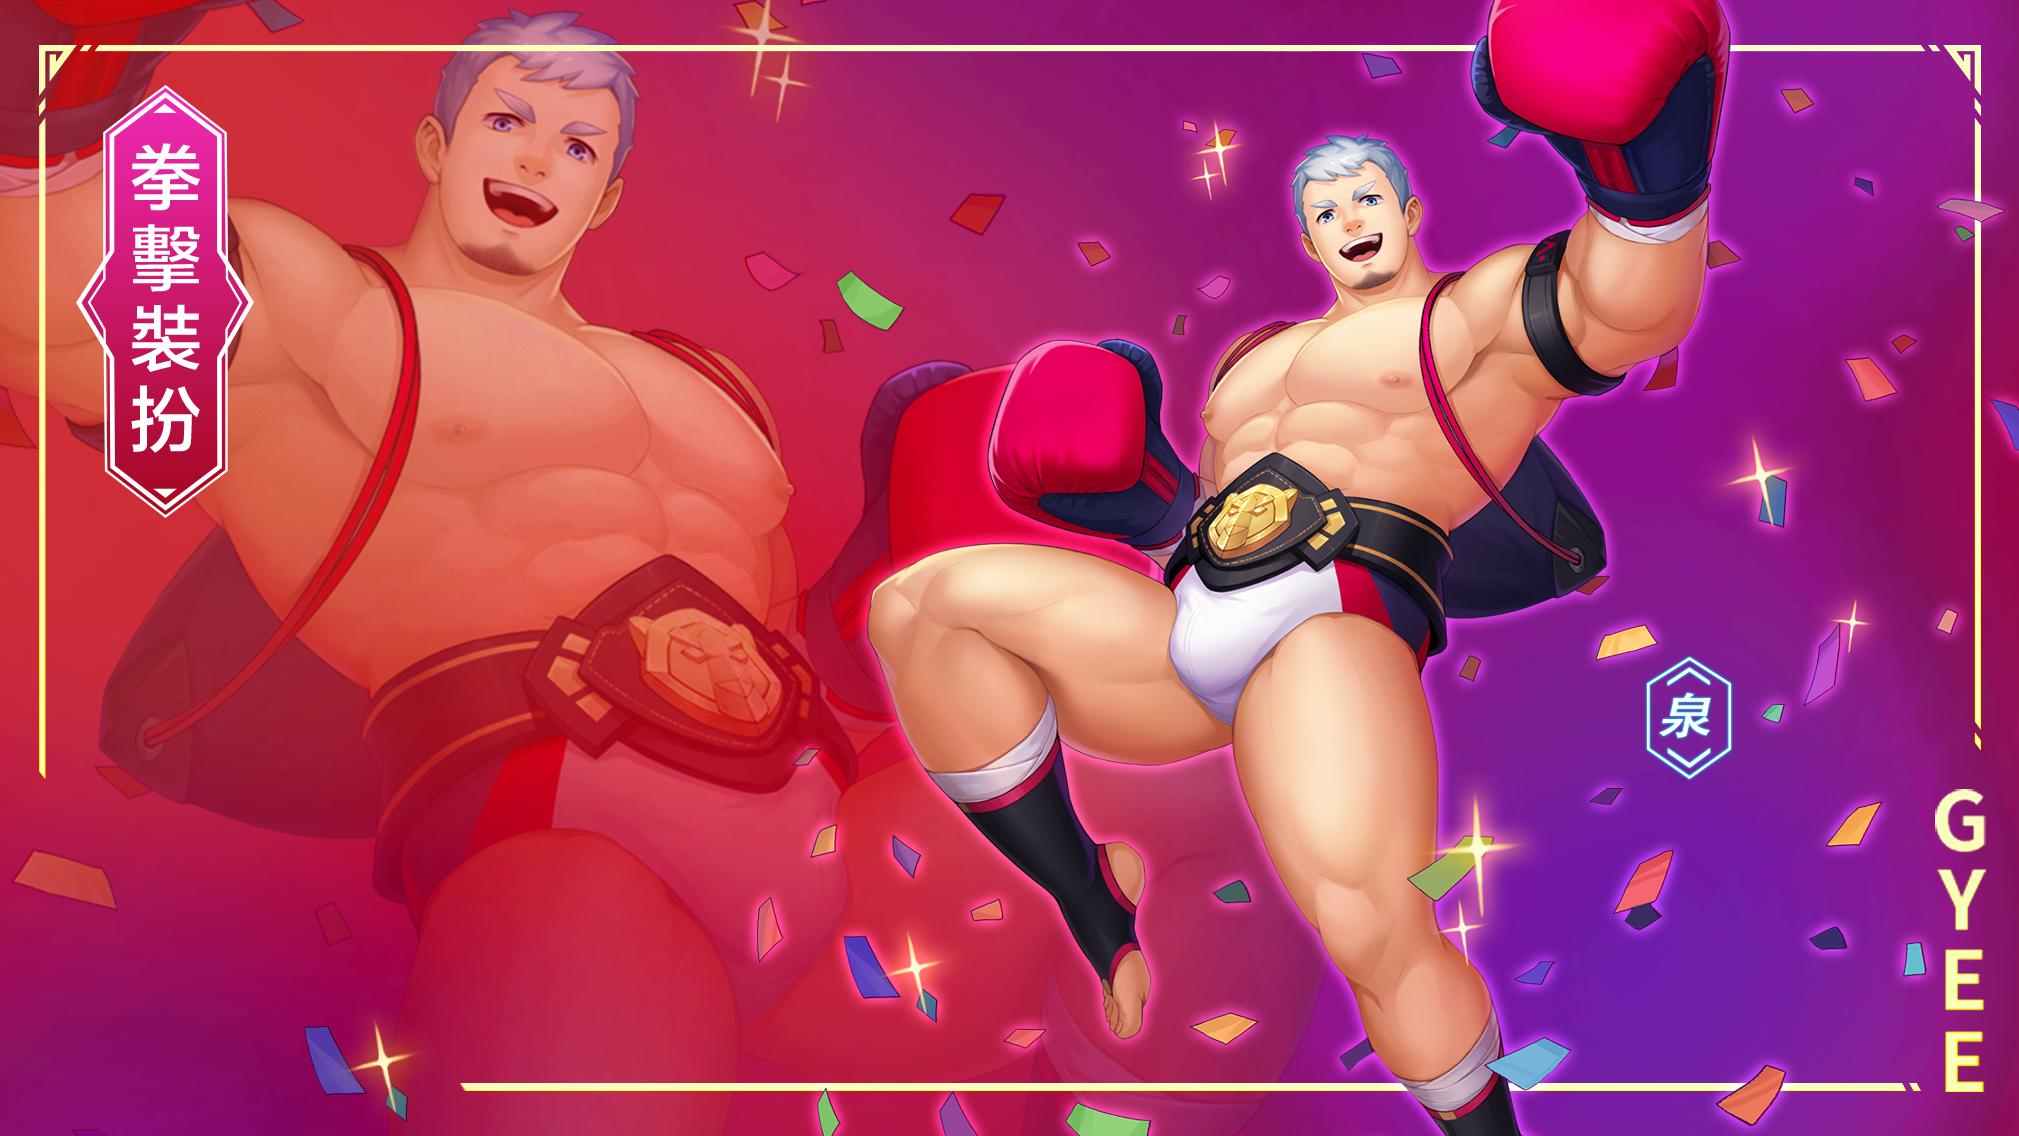 5月21日維護:泉·拳擊手,第三專精,猛男秀-0521-boxing.png